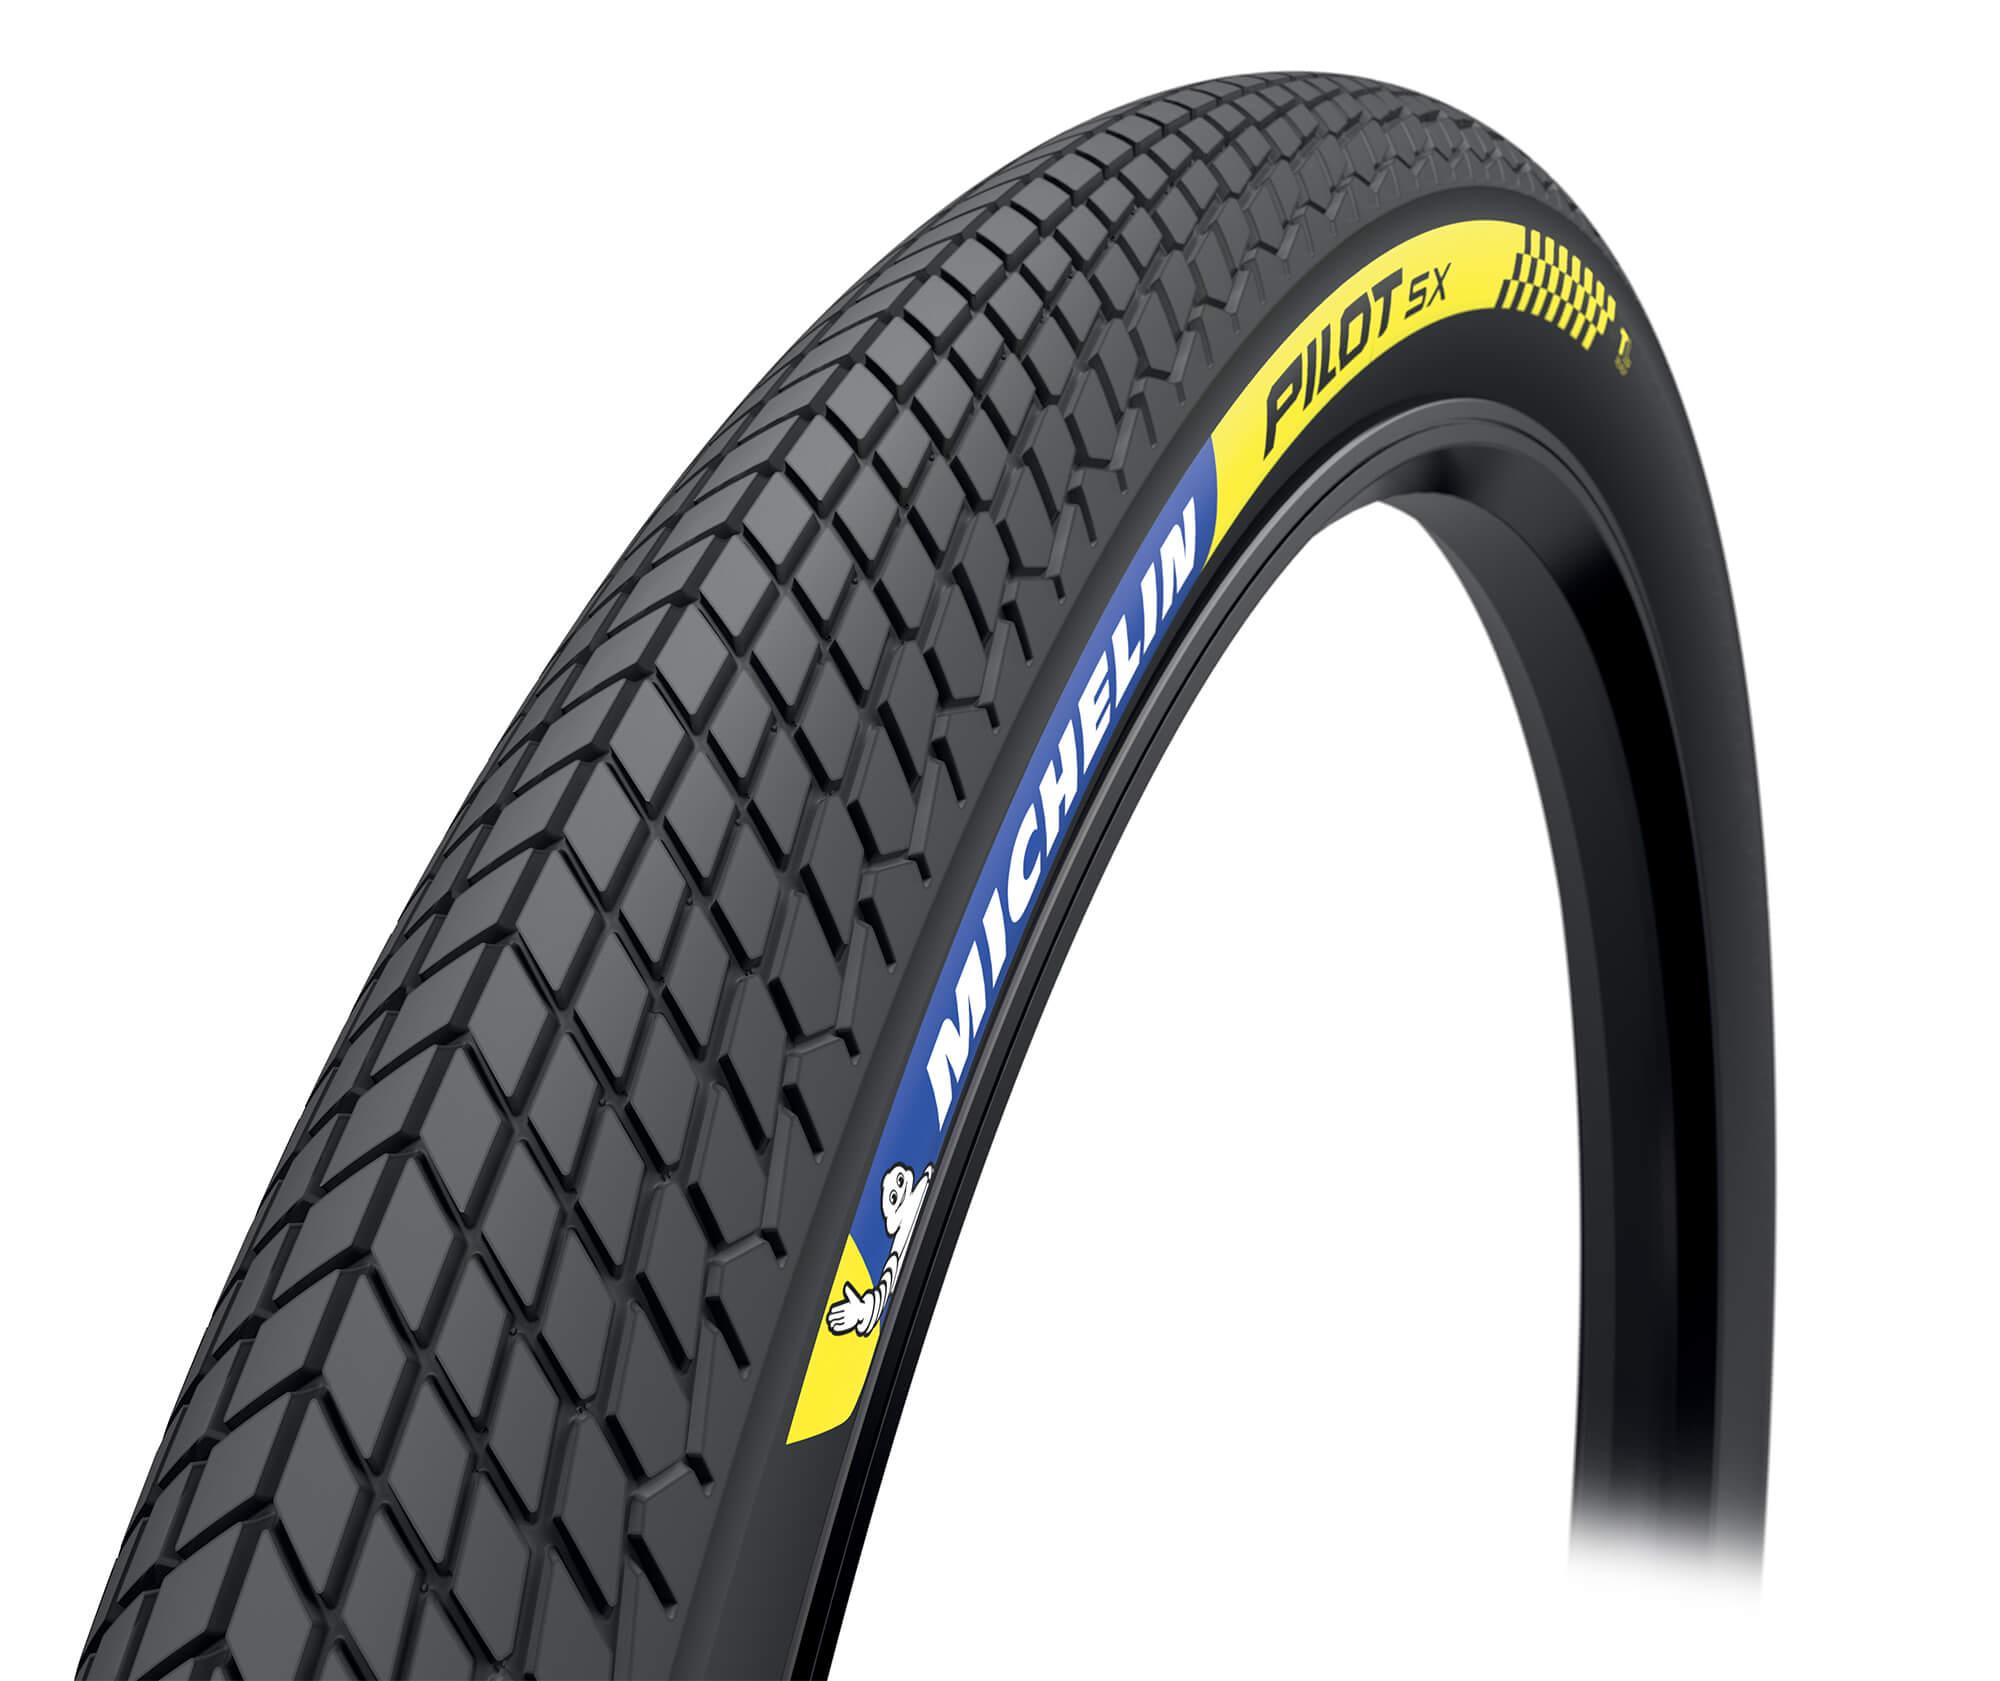 Michelin Pilot SX